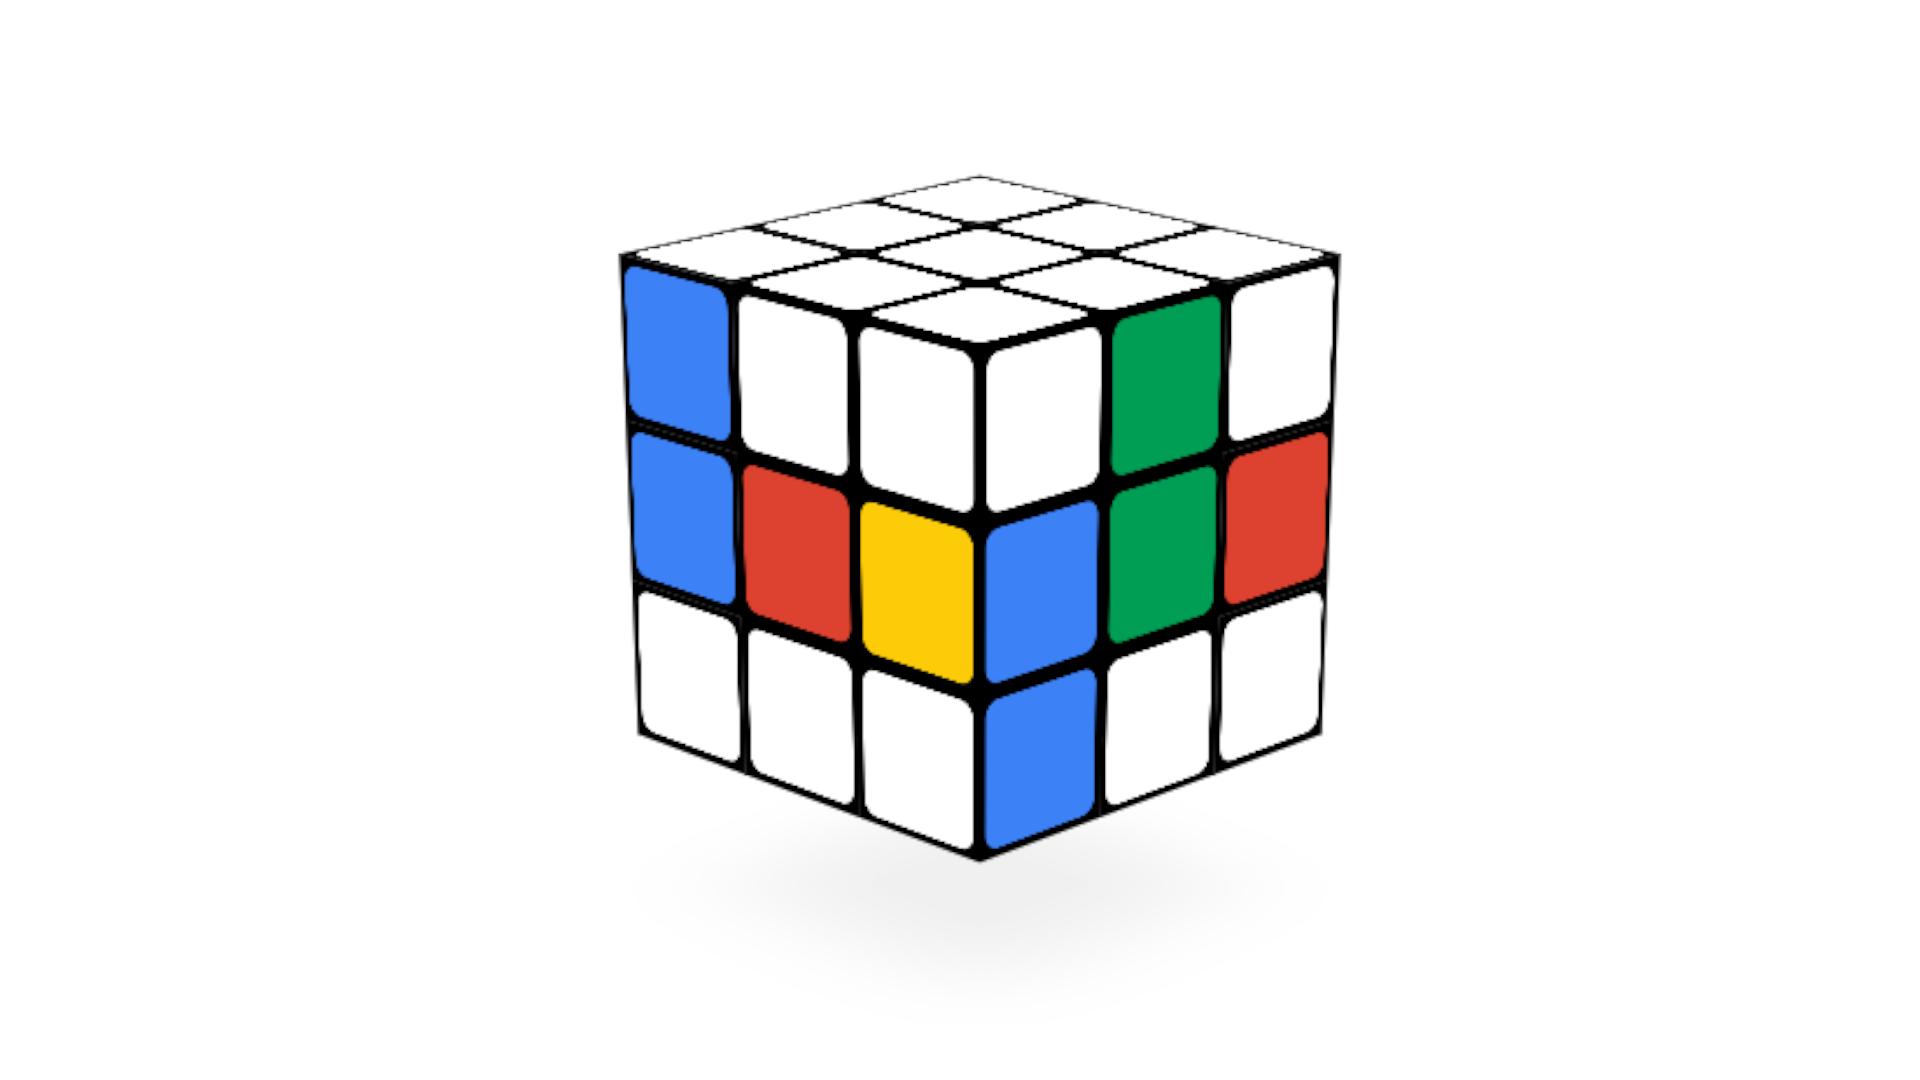 Cubo mágico do Rubik em formato virtual no Google (Fonte: Google Doodle)